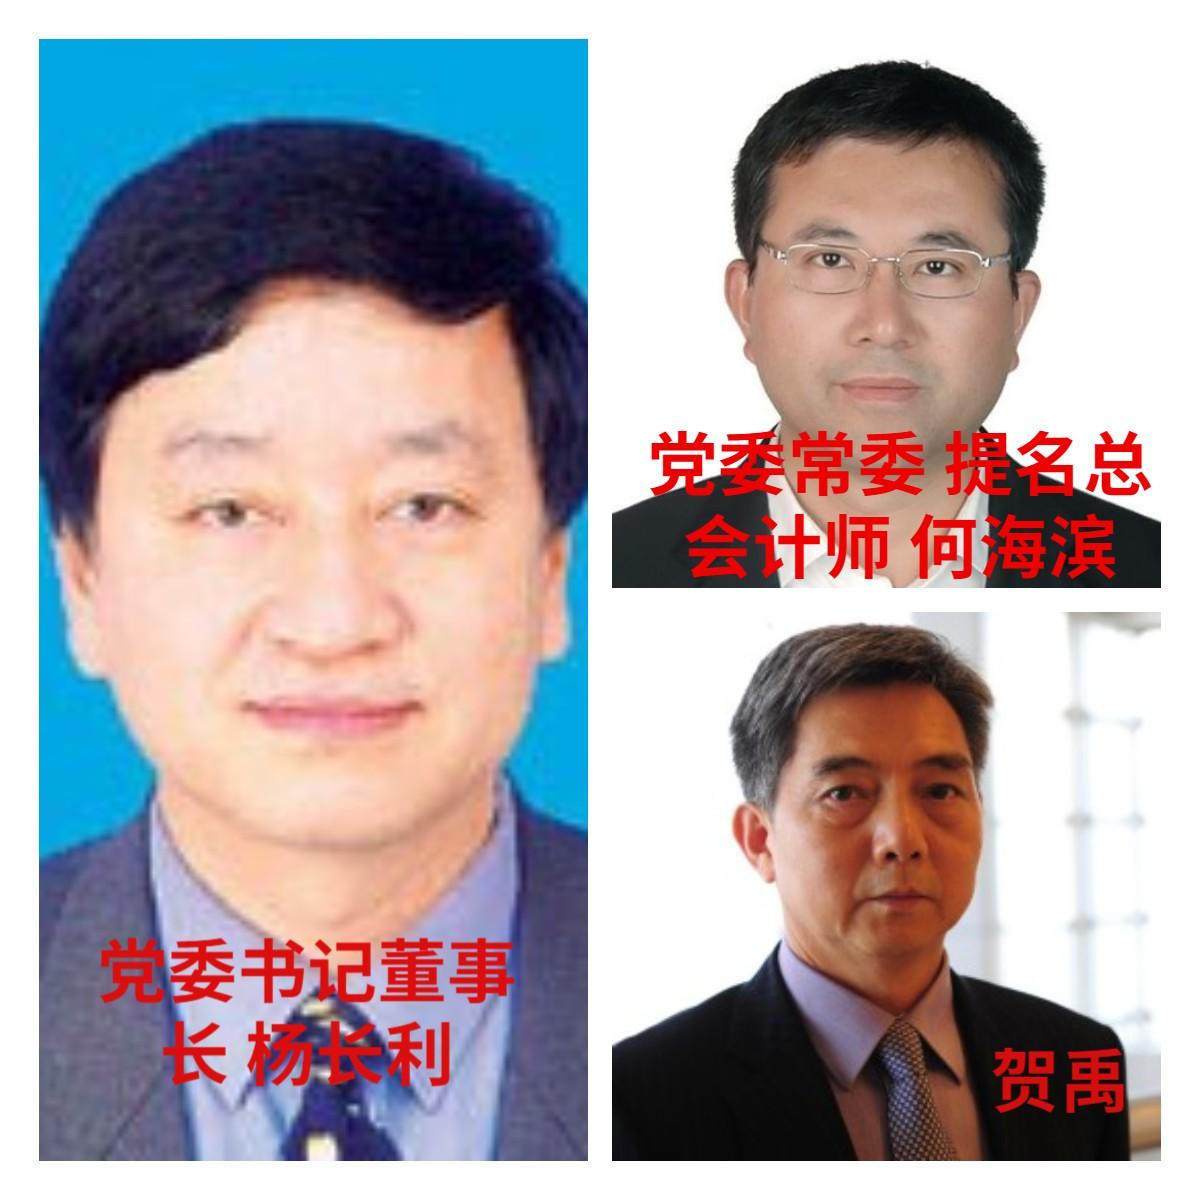 中国广核集团有限公司领导班子调整  杨长利任党委书记、董事长